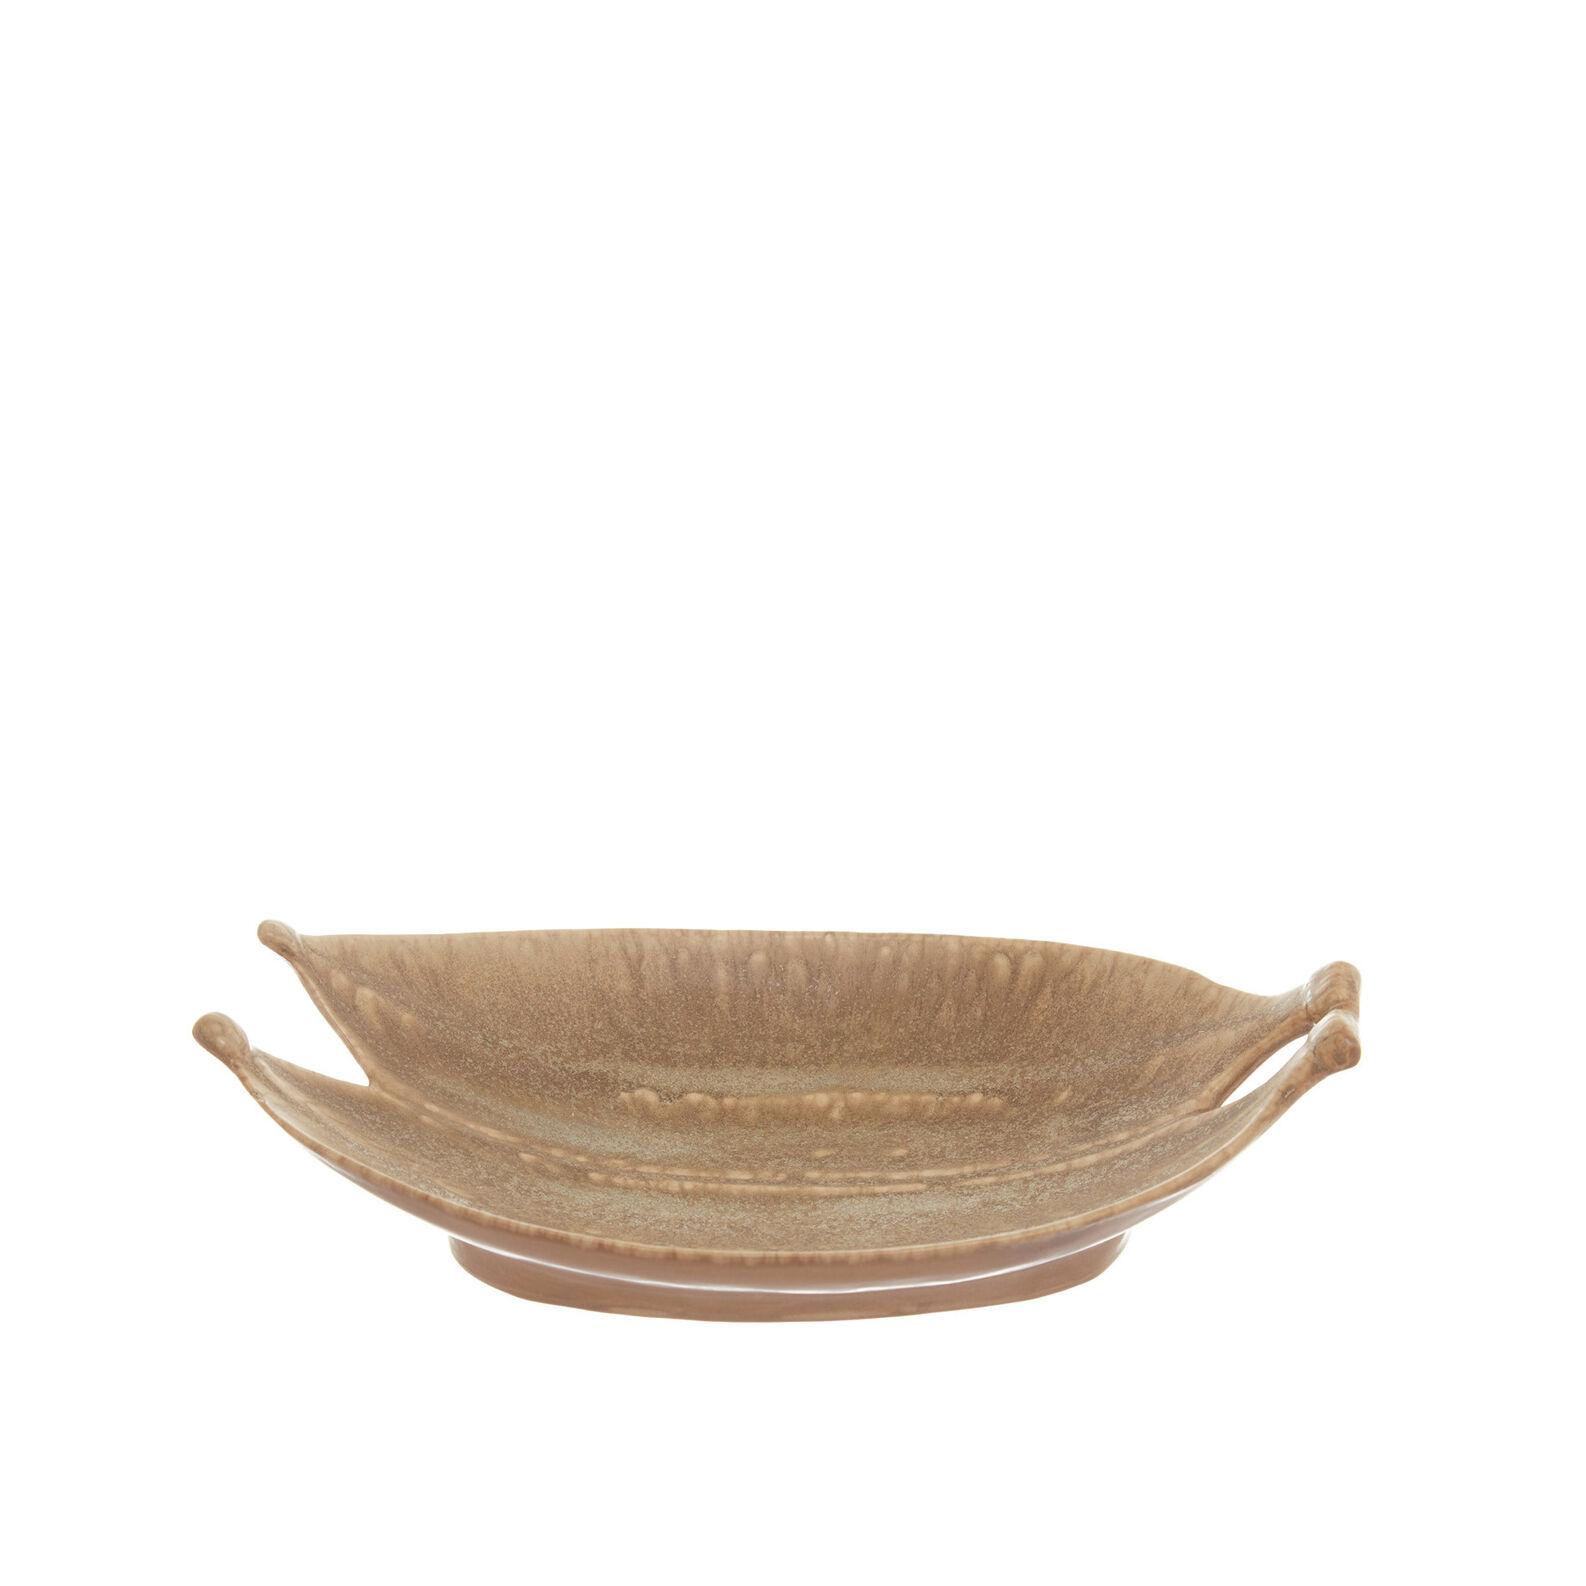 Handmade decorative ceramic tray